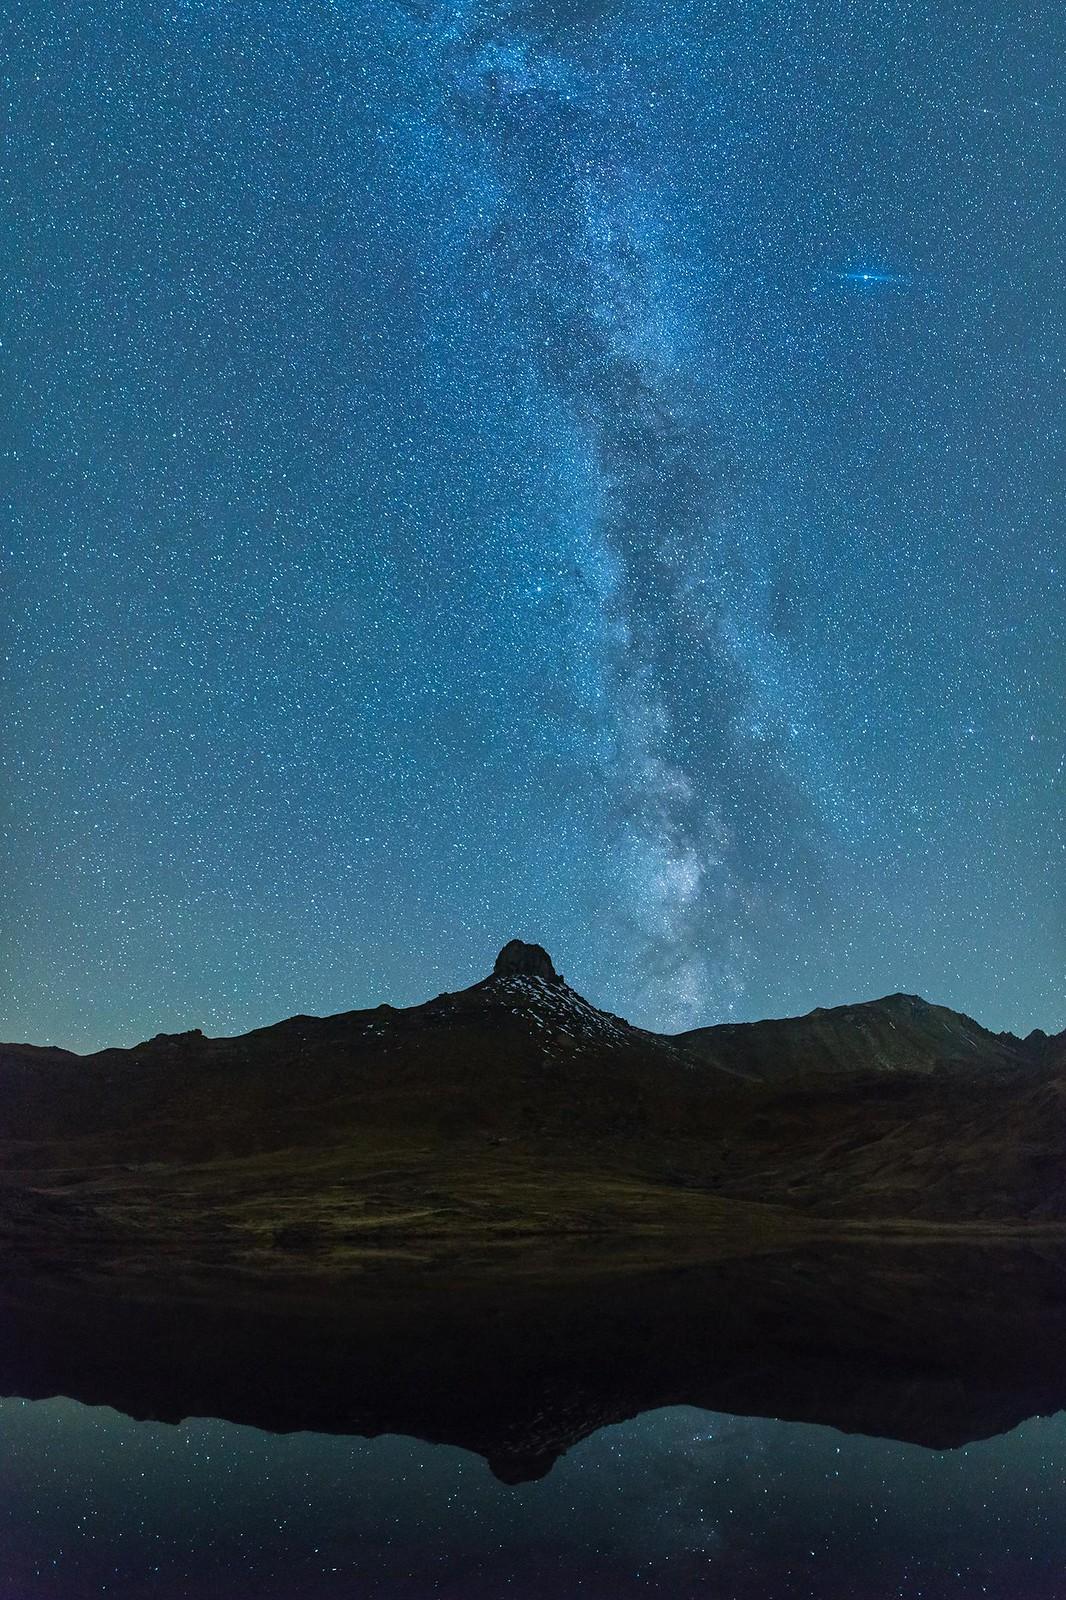 Milky way - Spitzmeilen